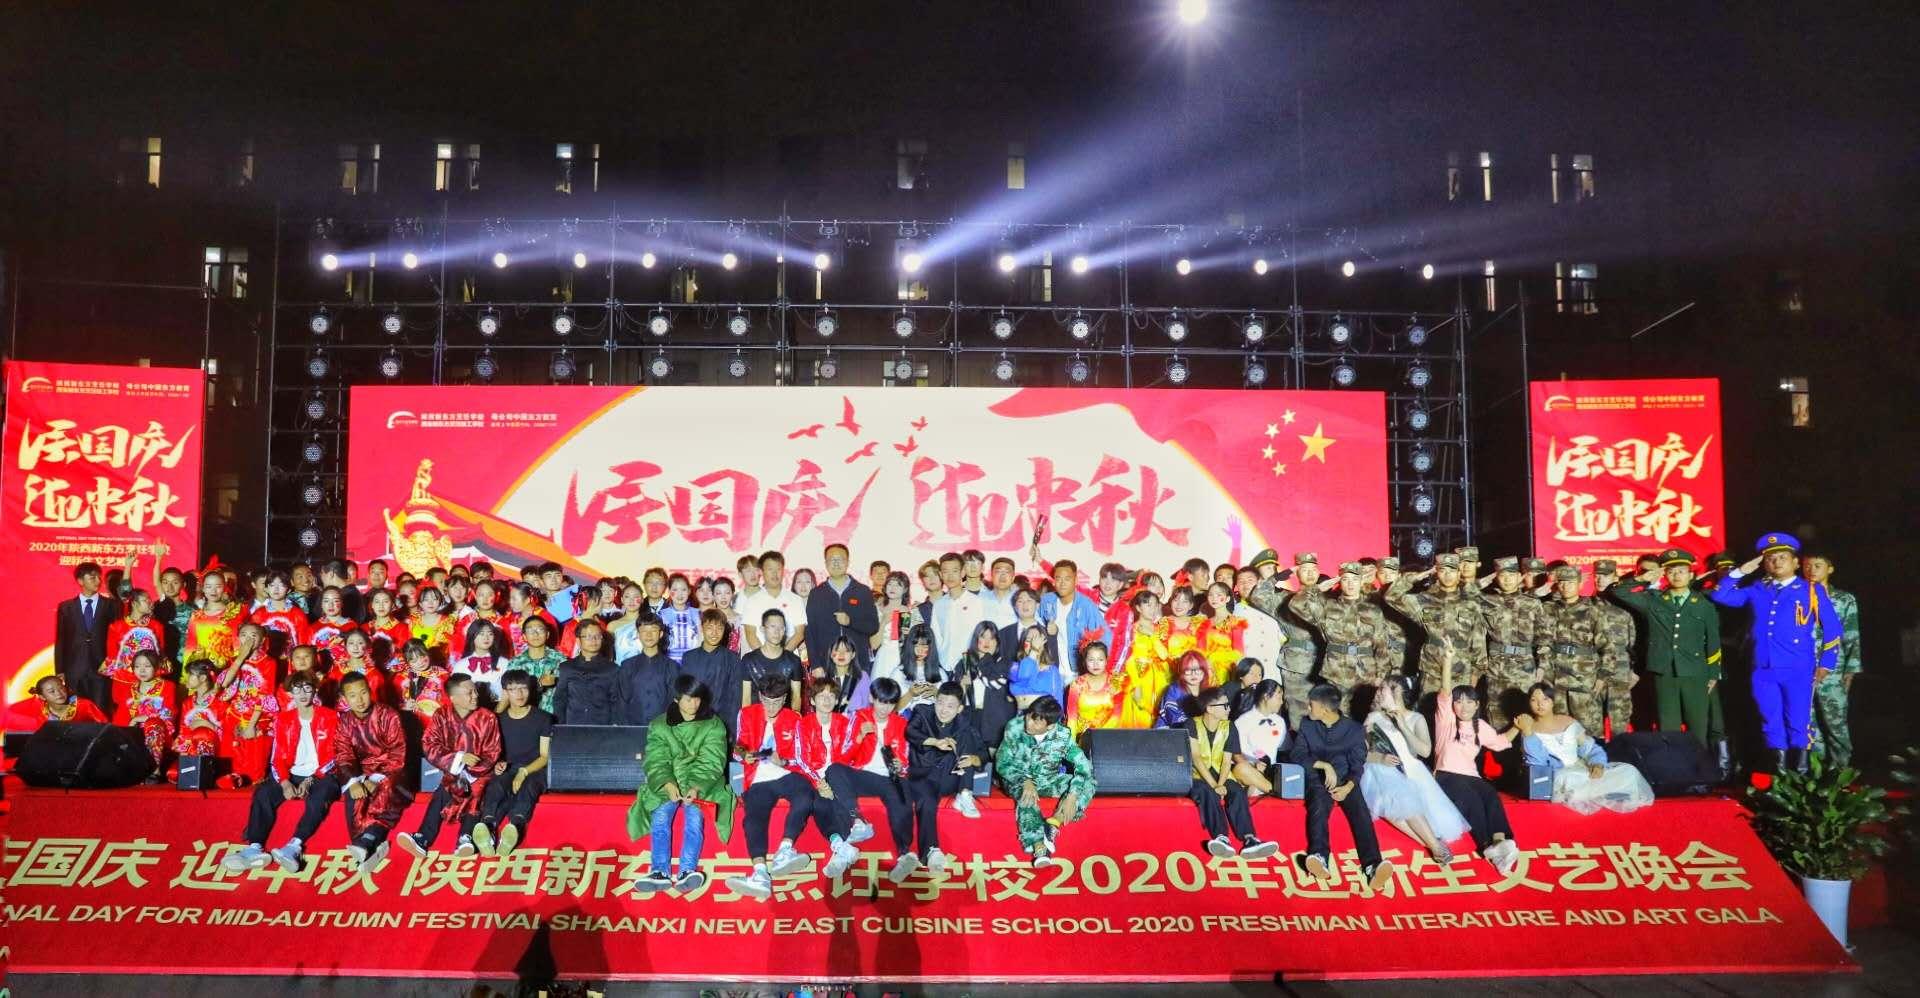 庆国庆・迎中秋 陕西新东方烹饪学校2020年迎新生文艺晚会